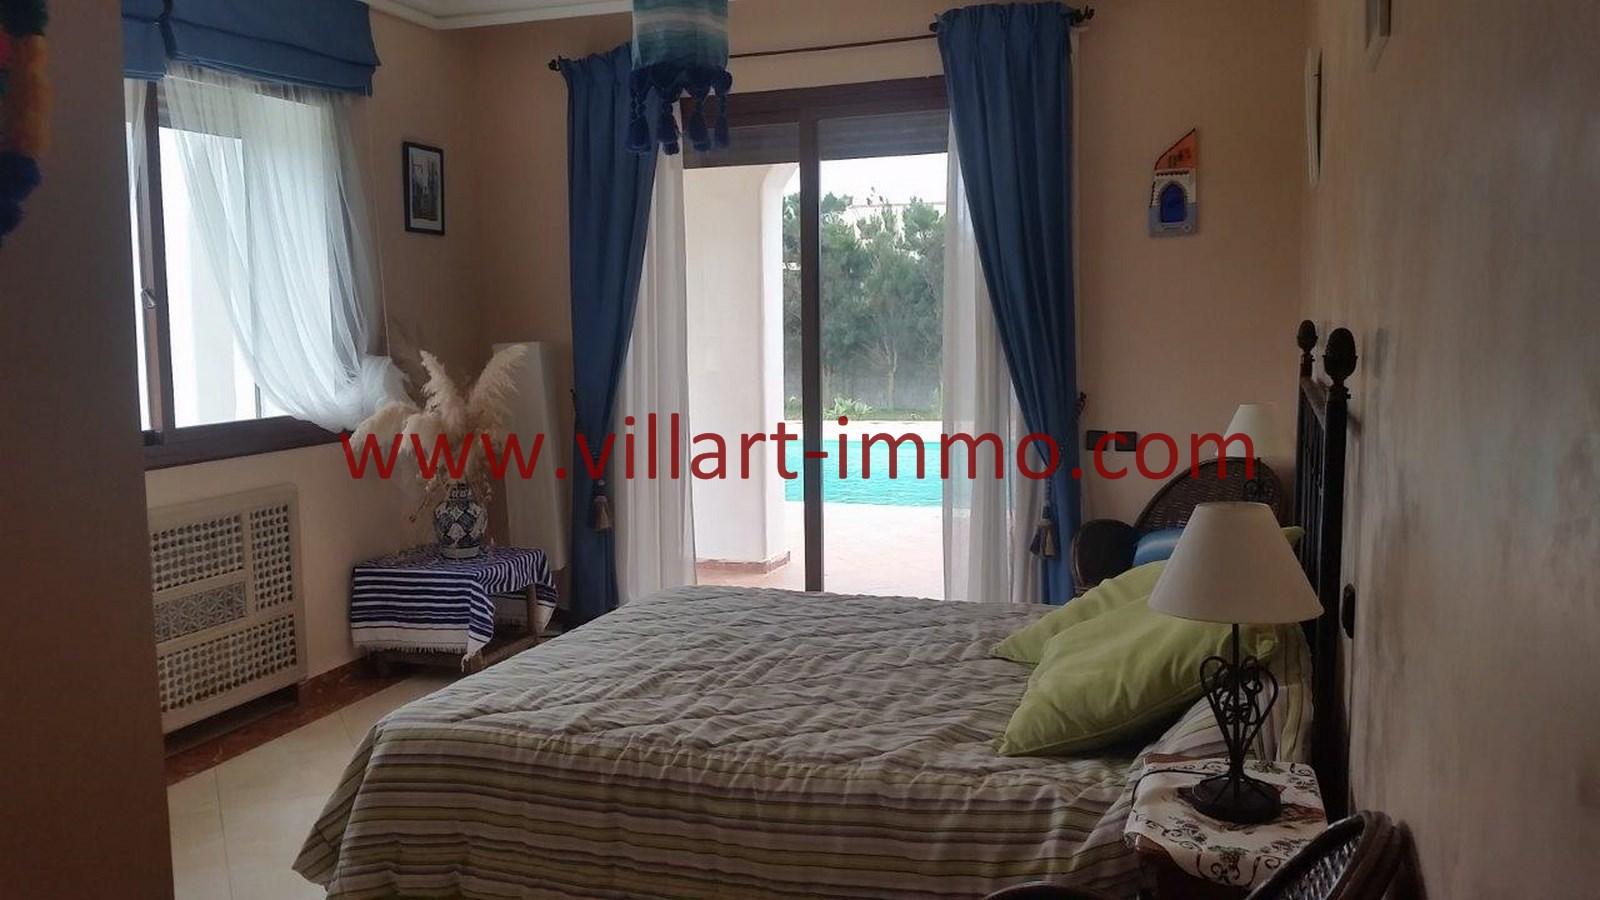 8-A louer-Villa-Meublée-Tanger-Achakar-Chambre 1-LSAT914-Villart immo